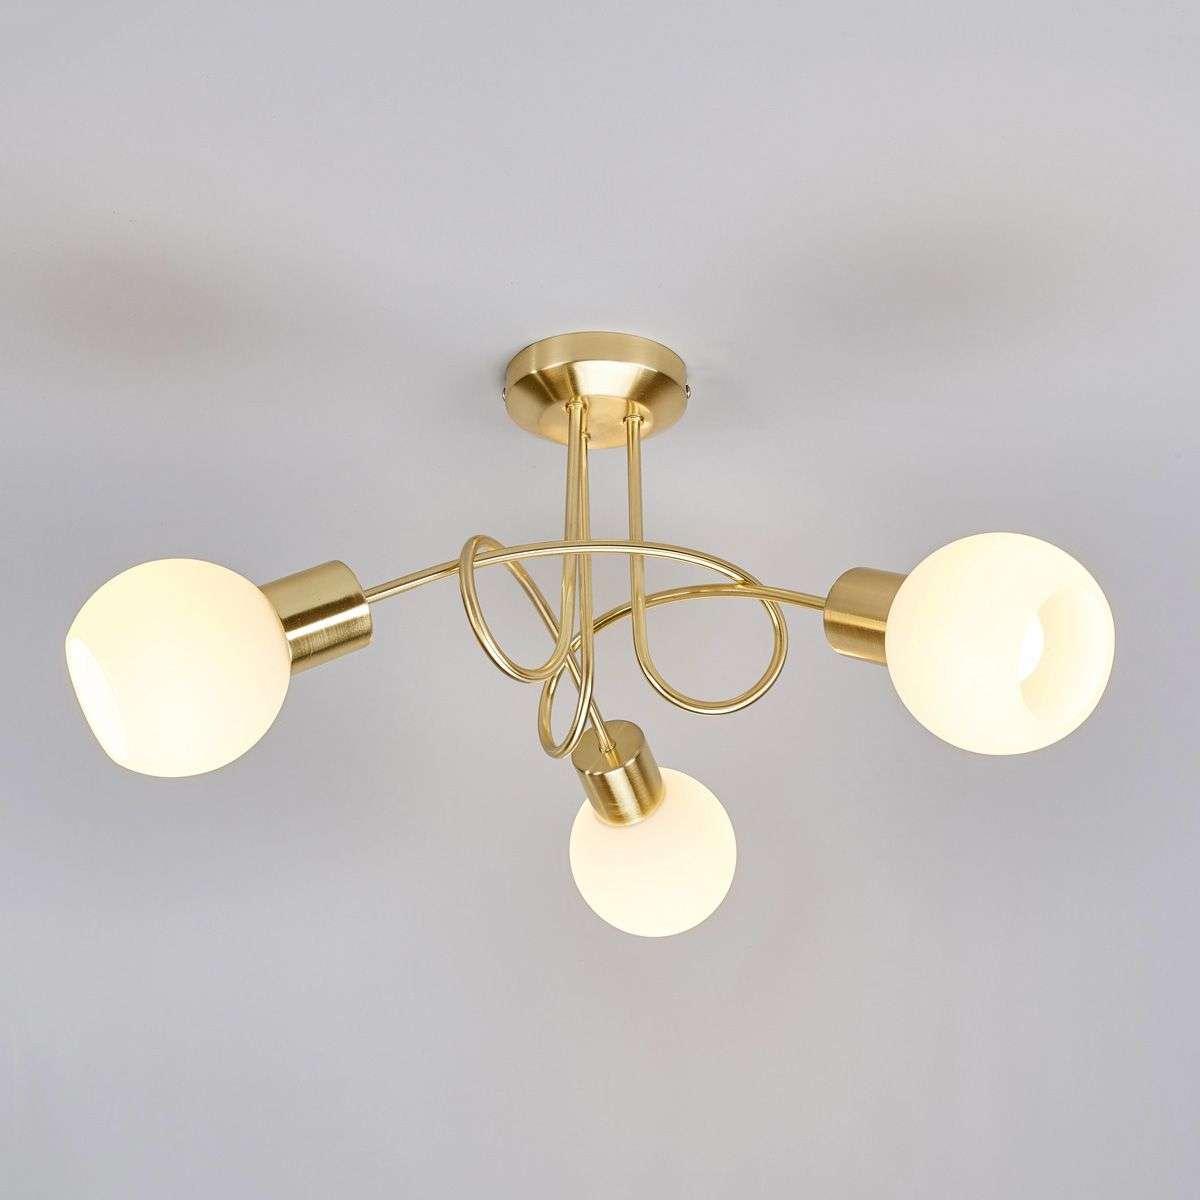 Brass coloured led ceiling light elaina 3 bulb lights brass coloured led ceiling light elaina 3 bulb 9620030 31 aloadofball Gallery